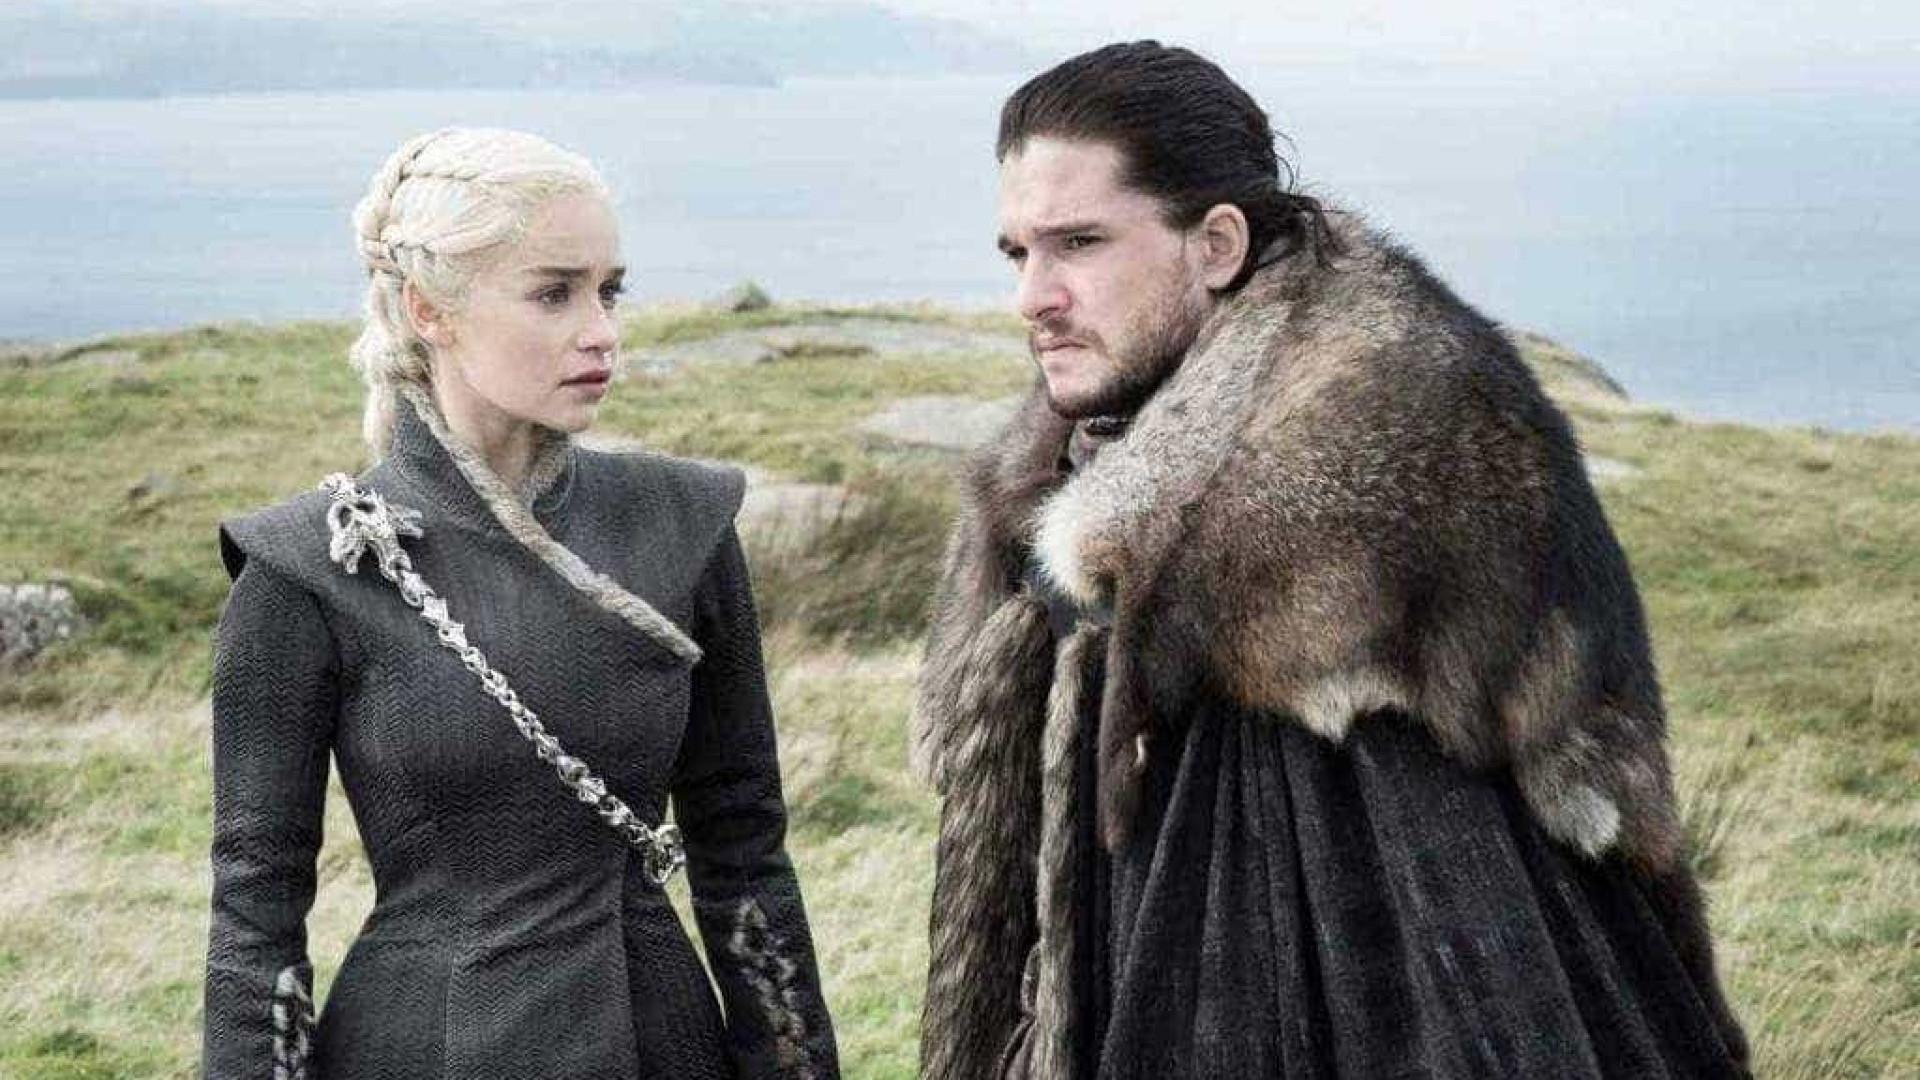 Temporada de 'Game of Thrones' ganha data de estreia e novo teaser